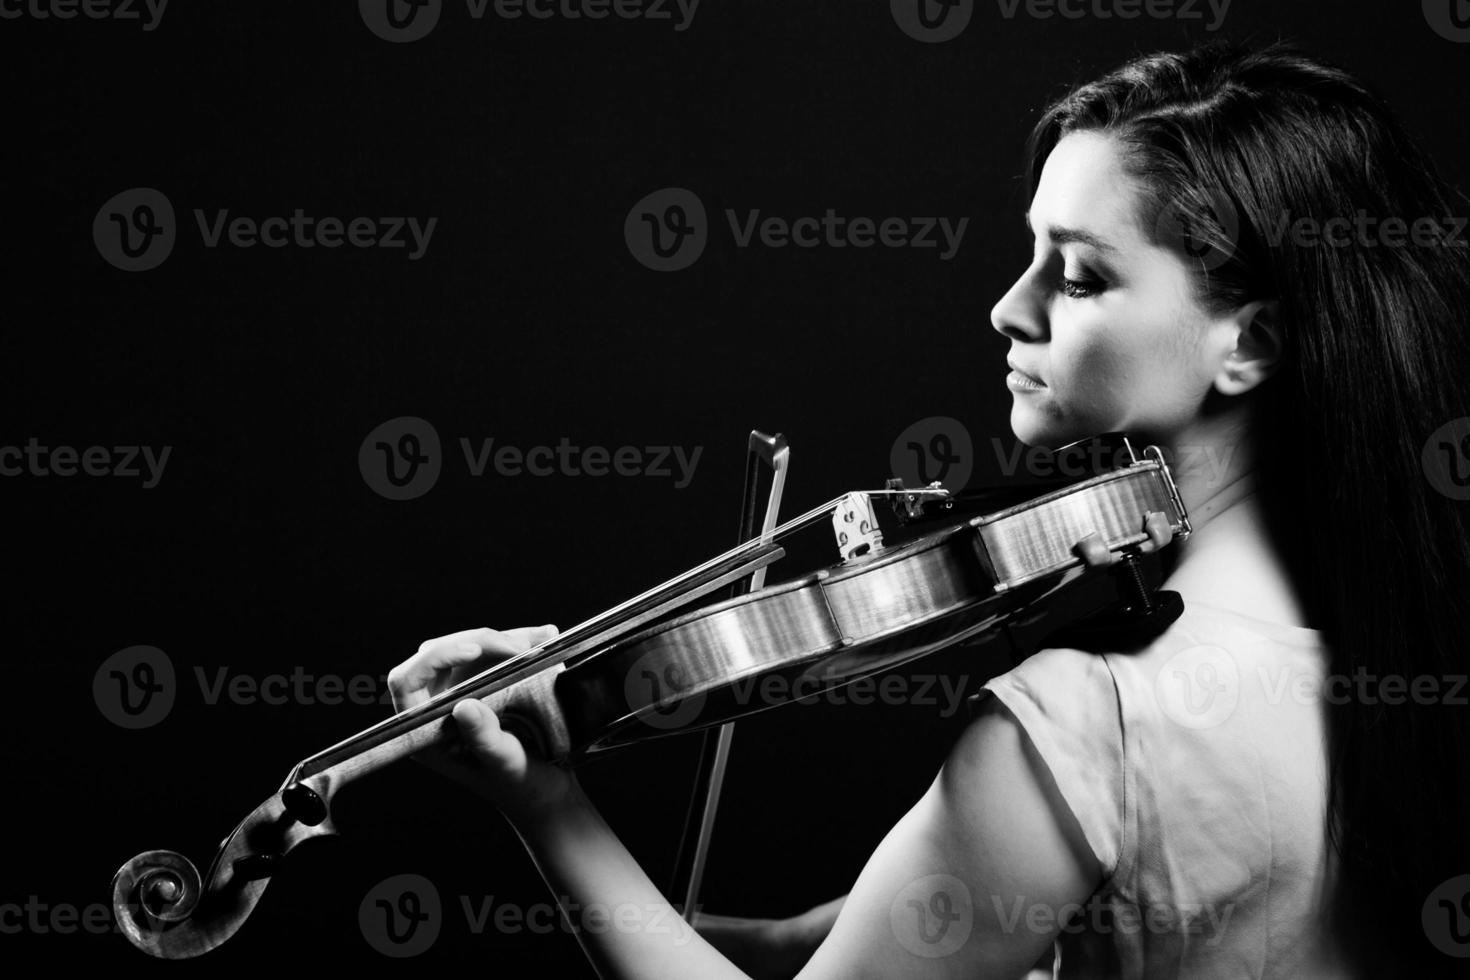 photo noir et blanc d'une femme jouant du violon